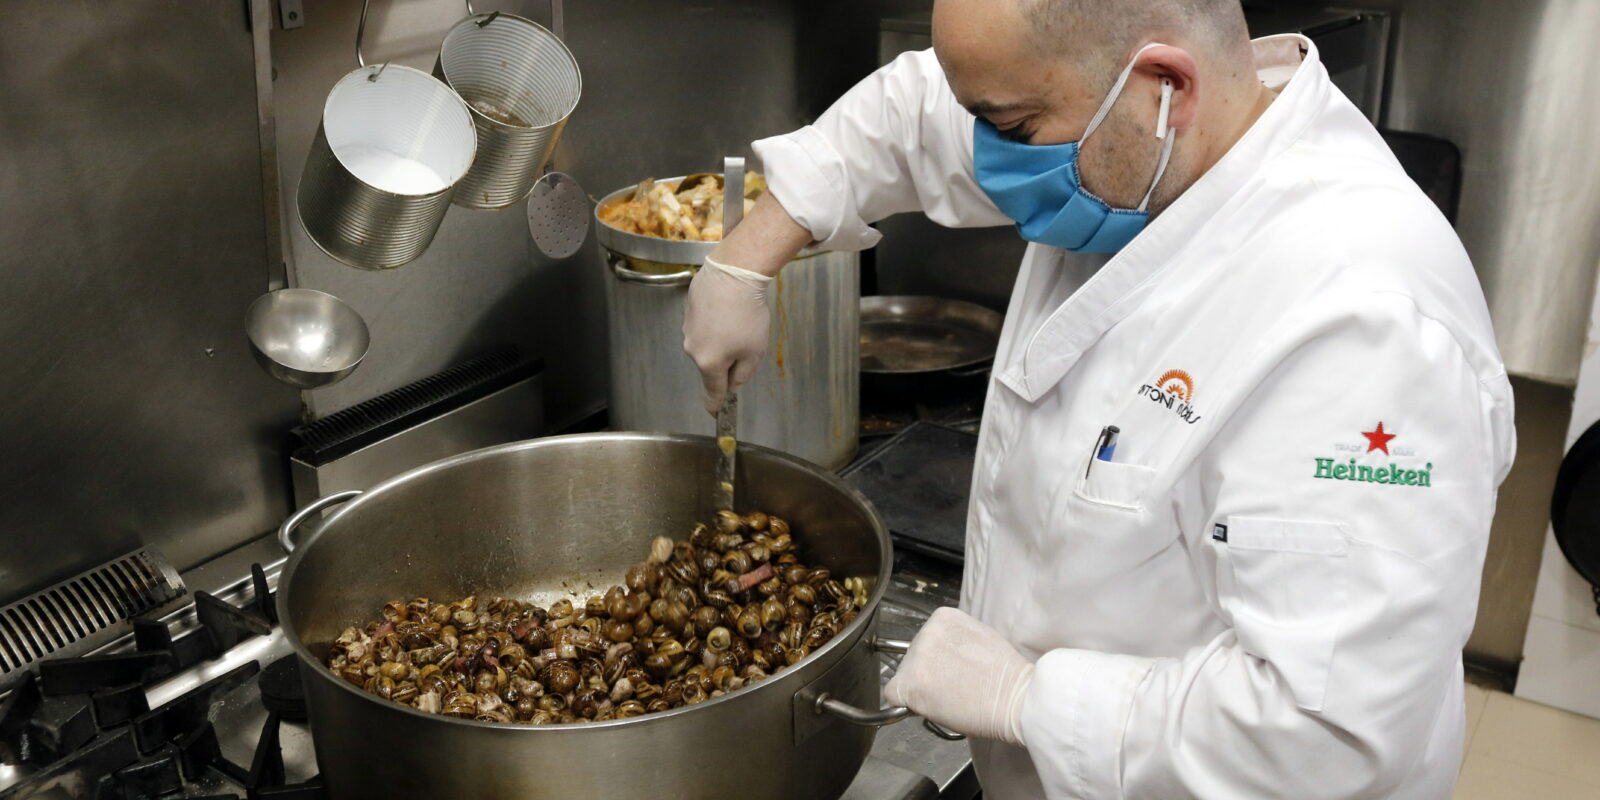 Pla obert d'Antoni Rubies, propietari de l'Arrosseria Antoni Rubies, cuinant caragols a la gormanda, el 10 de maig de 2020. (Horitzontal)